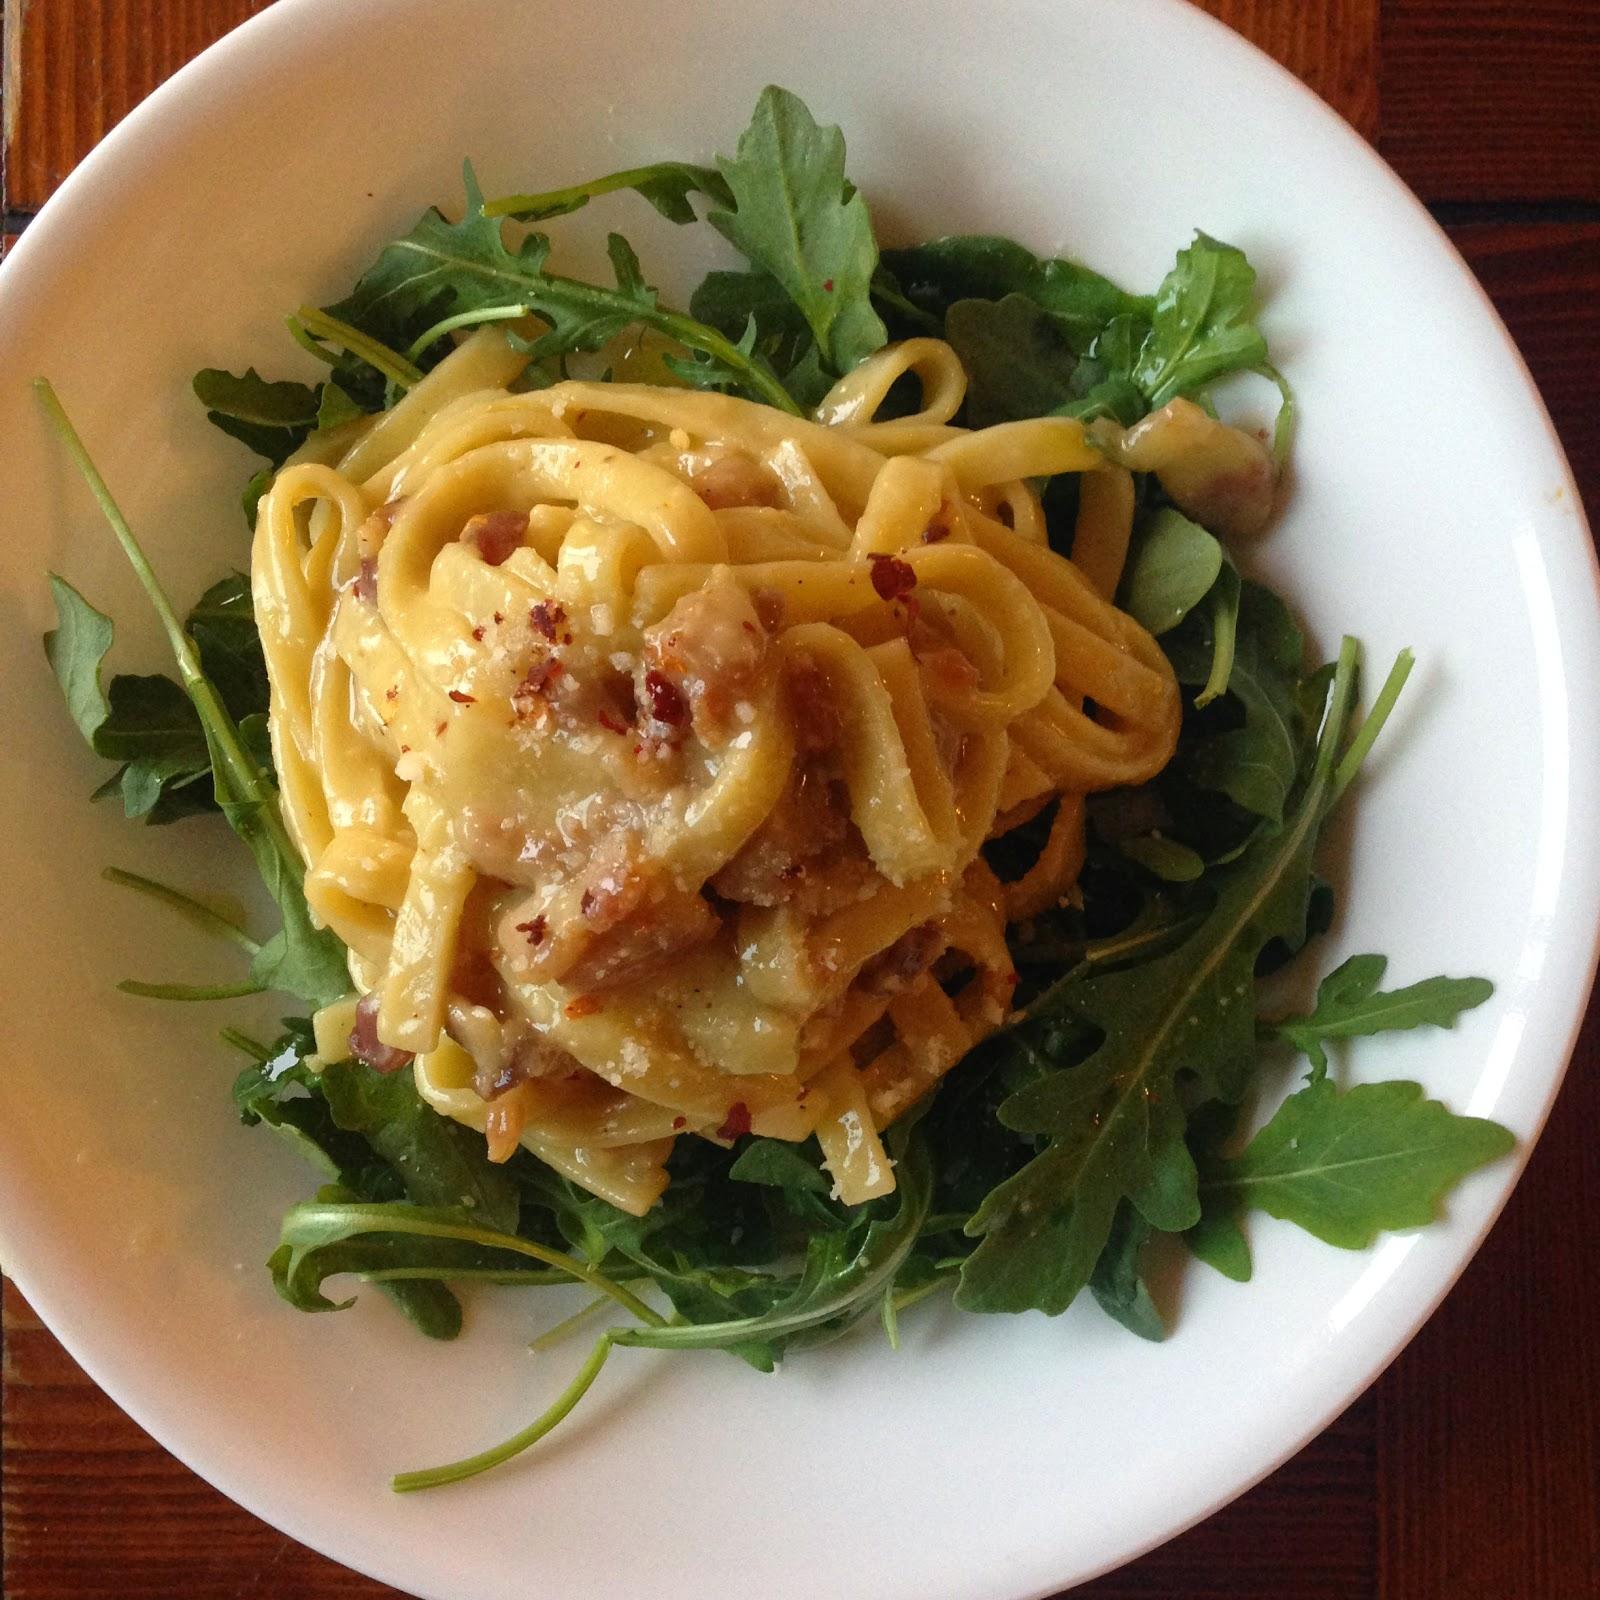 Pasta dish made with Capello's pasta